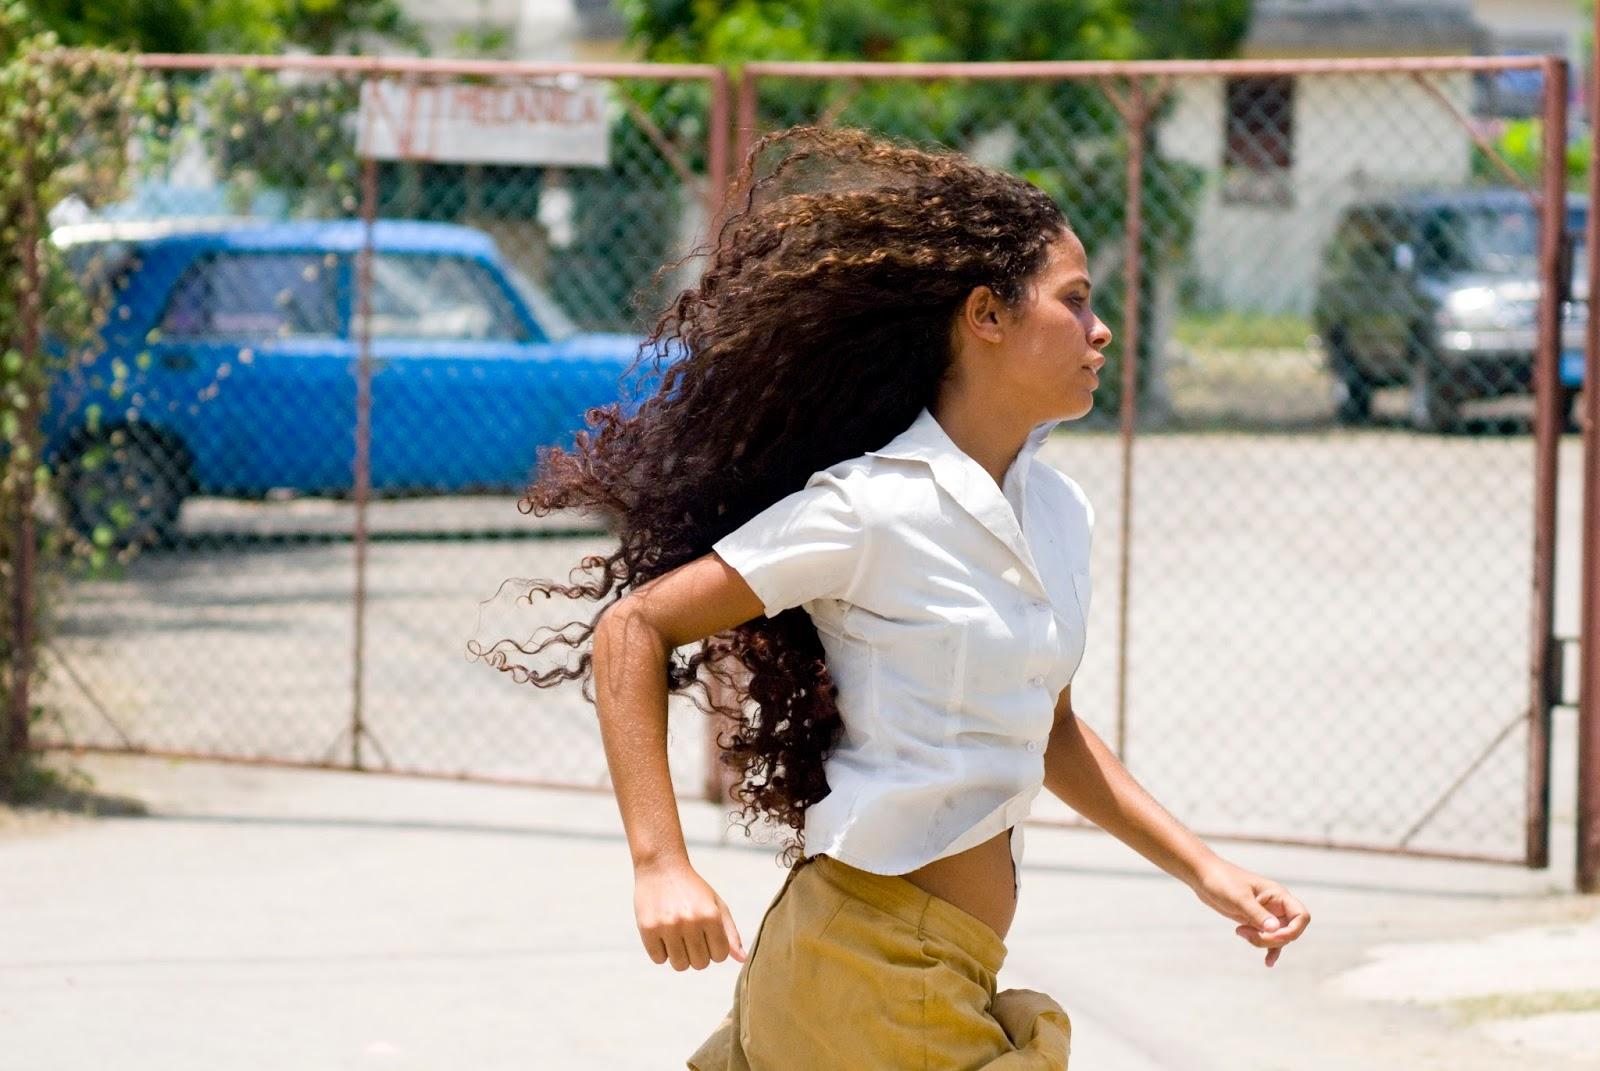 sexy cuban girl dating Seven rules of dating cuban women - idateadvicecom cuban women: most beautiful girls from cuba - c.